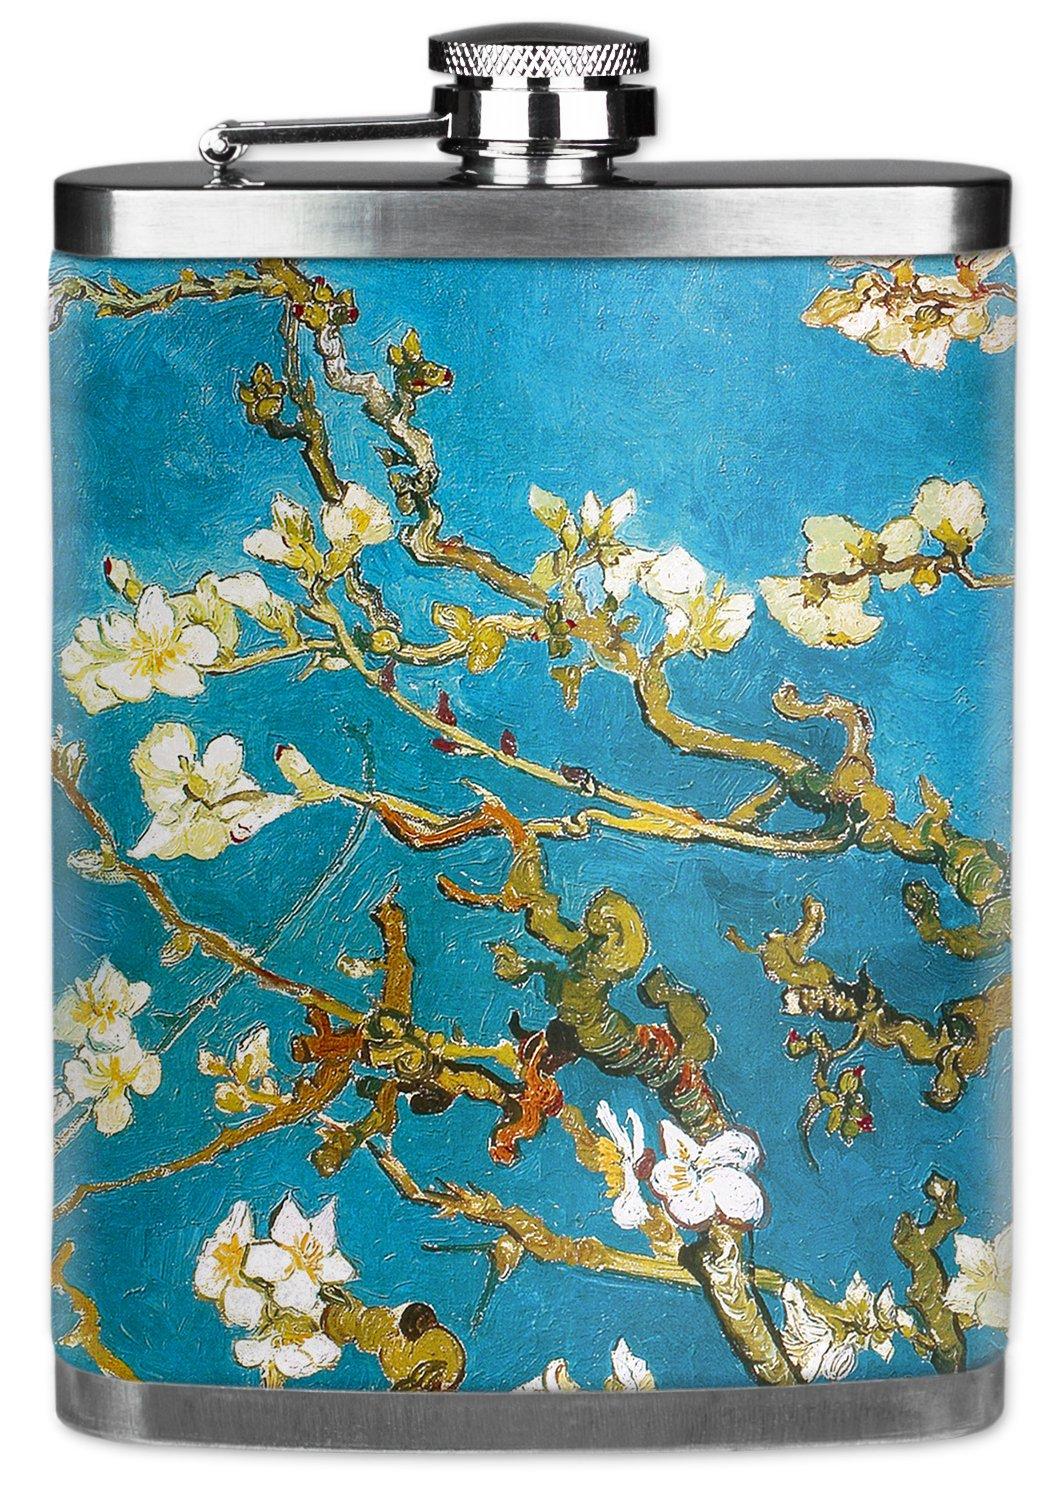 正規品販売! Mugzie ®ブランド7オンスヒップフラスコwith Insulatedウェットスーツカバー B01C5FWF2I – Van Gogh : Gogh Almond Blossoms Almond B01C5FWF2I, アテックスダイレクト:20d1bf0d --- sww.zlatarezerva.cz